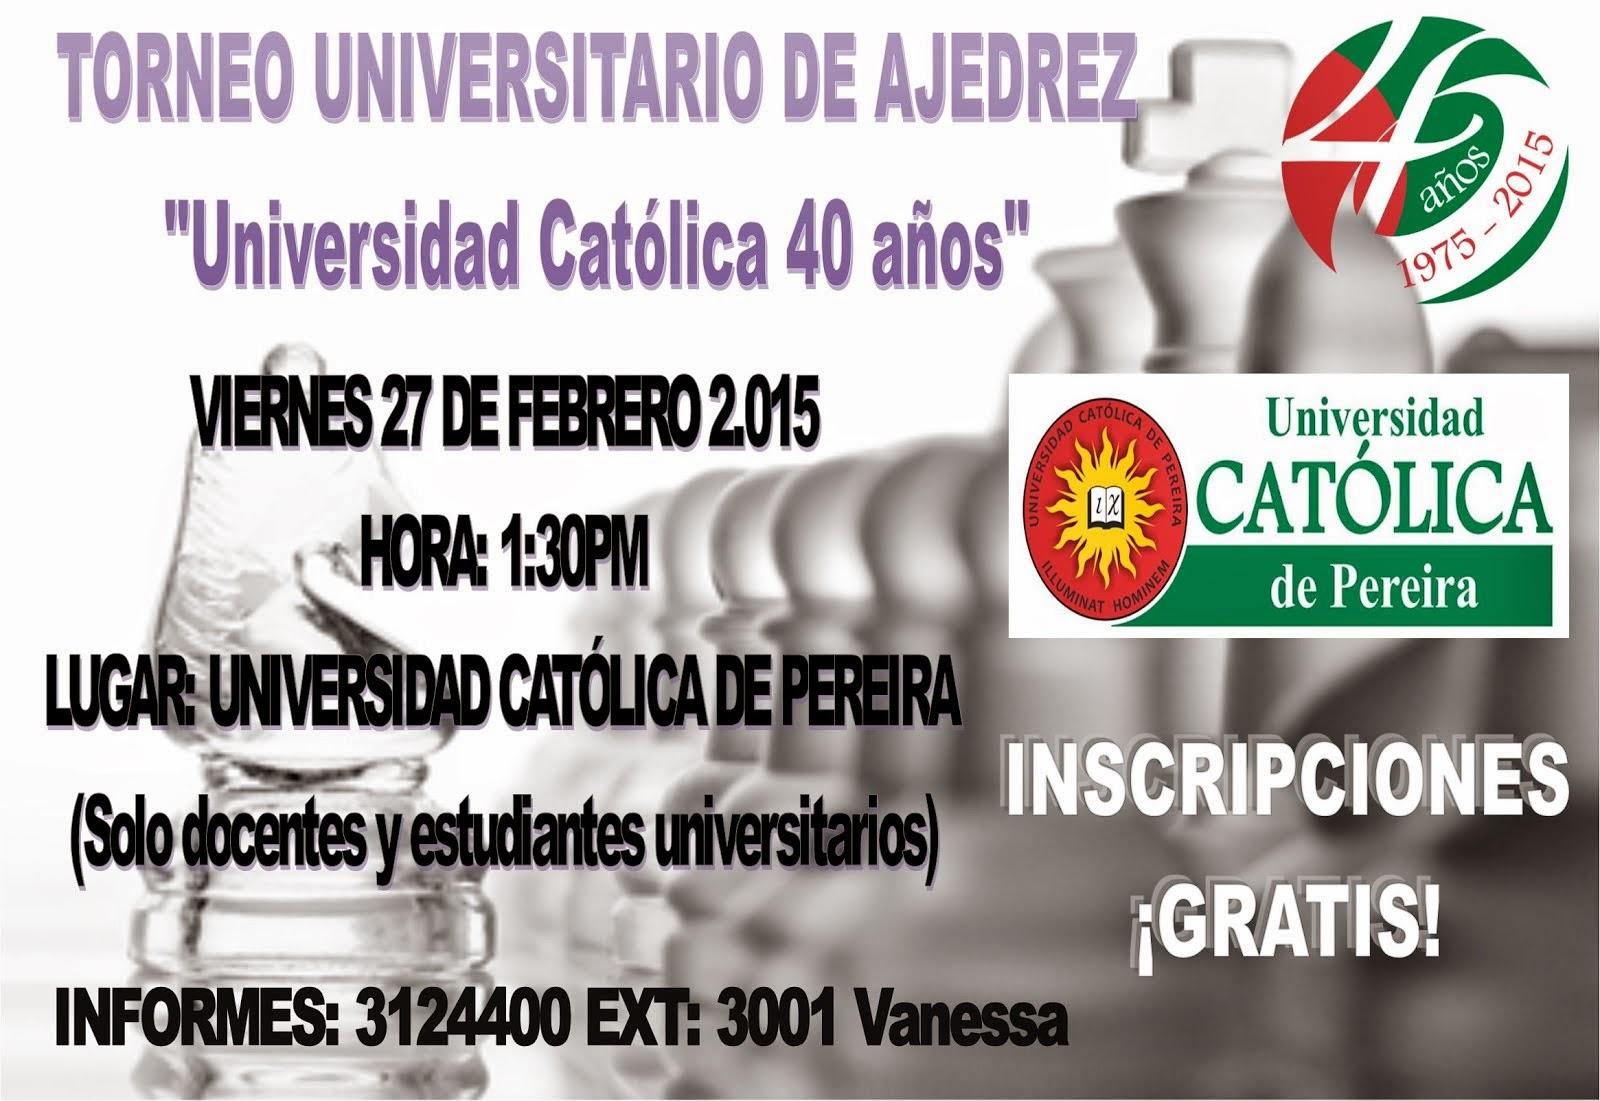 Torneo Universitario de Ajedrez